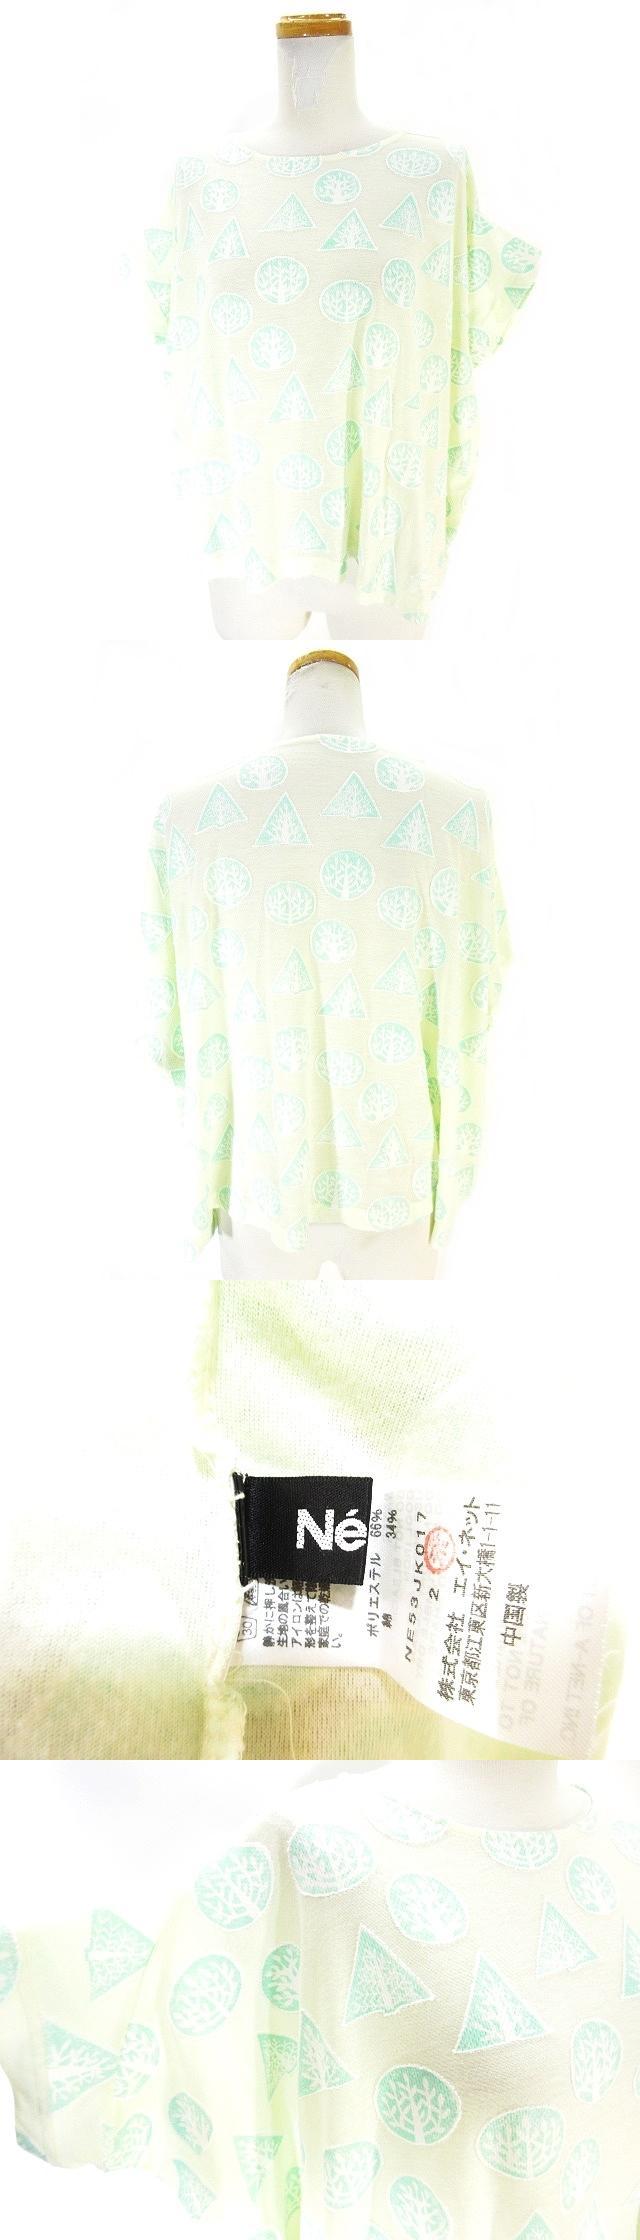 ツリードット Tシャツ カットソー プルオーバー 半袖 ドルマンスリーブ 変形 2 ライトグリーン 黄緑